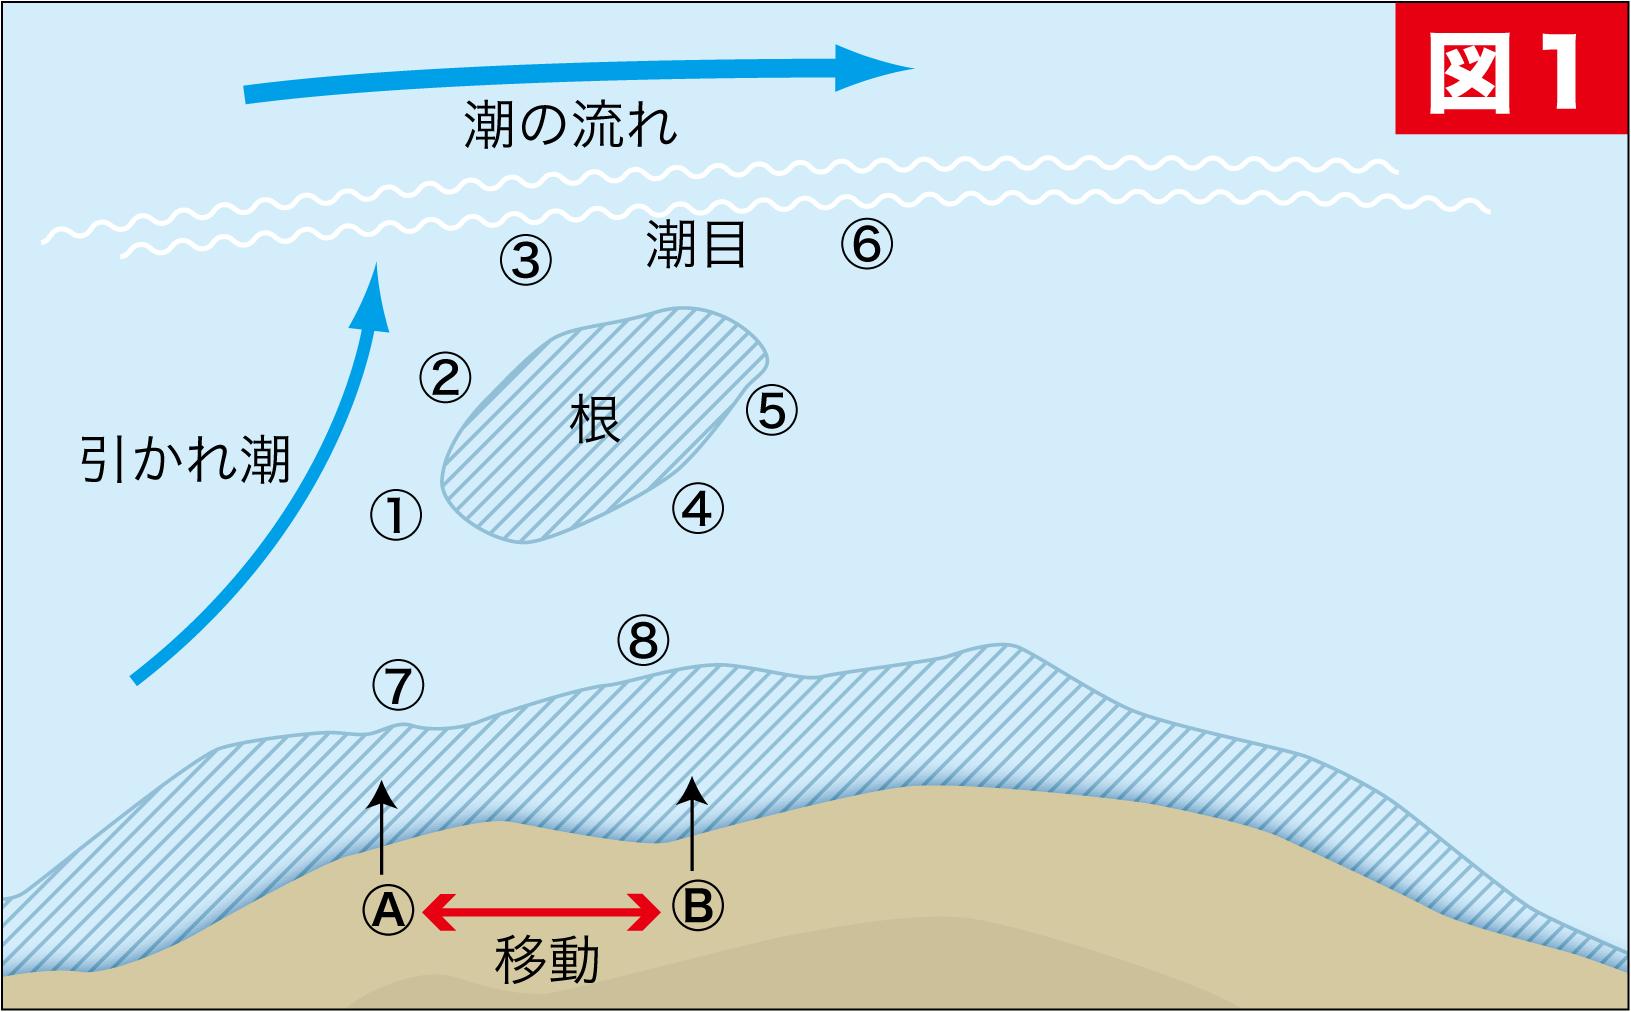 春磯勝利グレ1-6